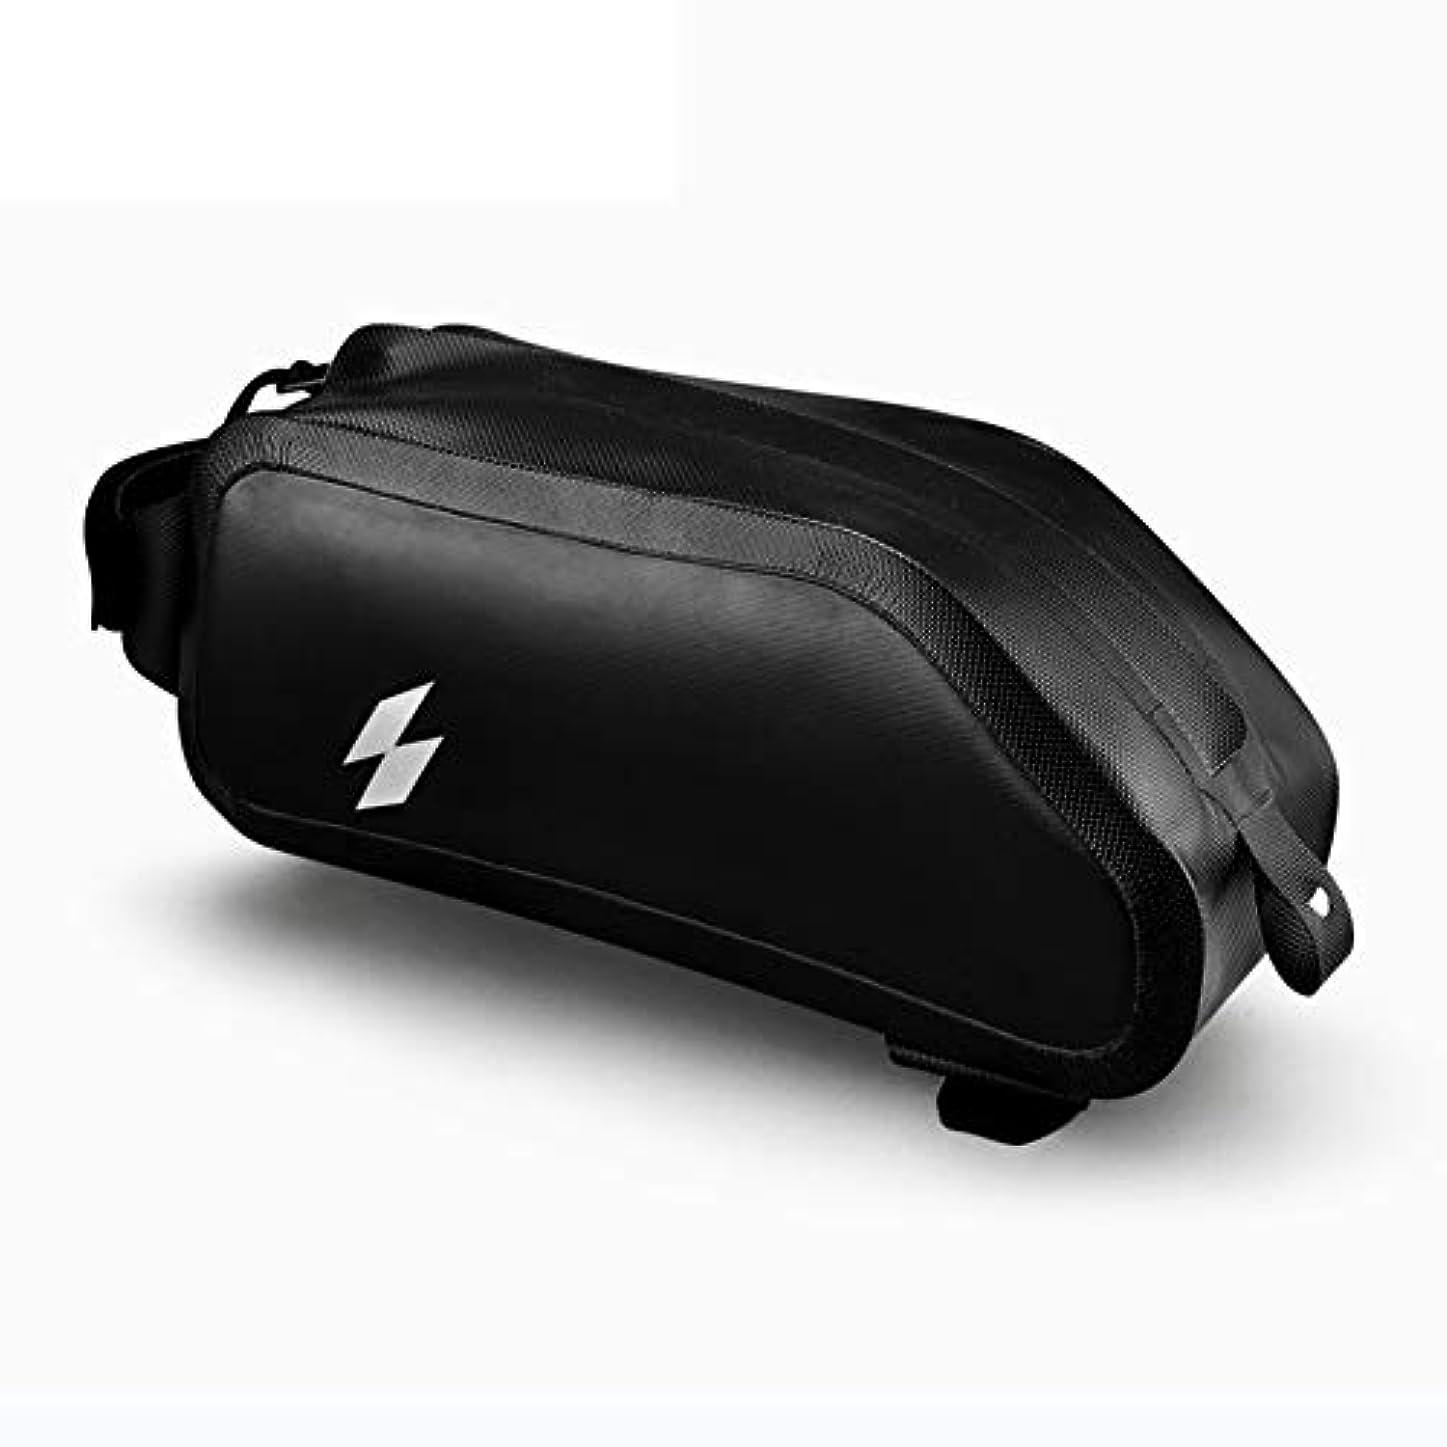 原理ランチオーバーフロー自転車バッグ、アッパーチューブパッケージ用防水マルチモデル、低風力抵抗、ノータッチレッグ自転車バッグ